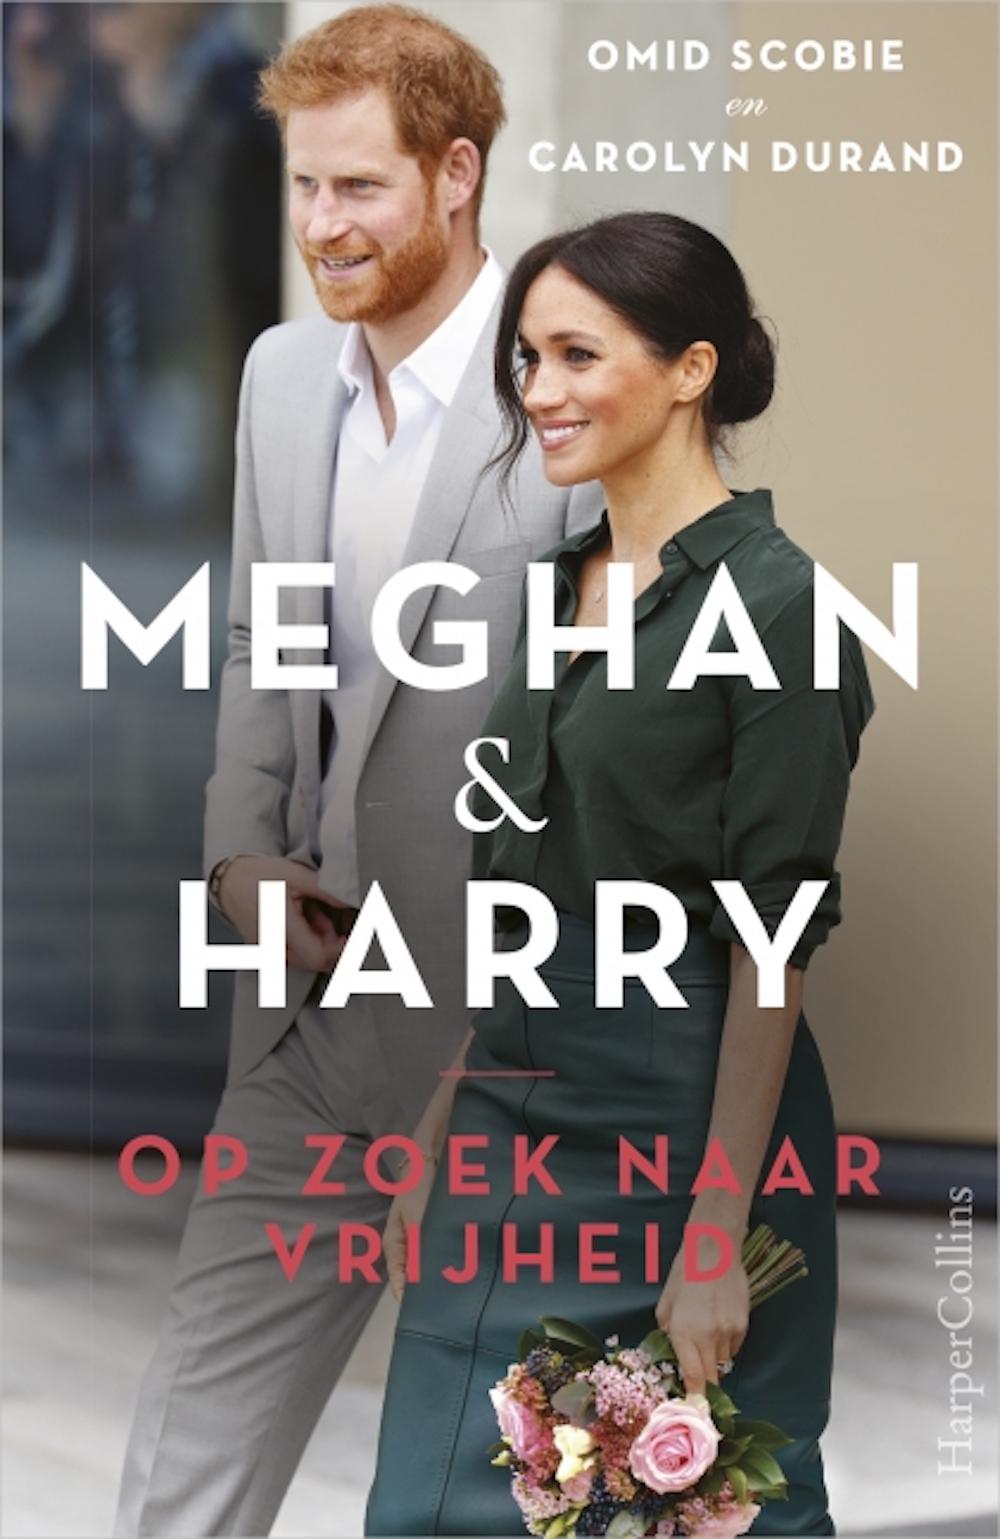 Meghan & Harry - boekenflits.nl